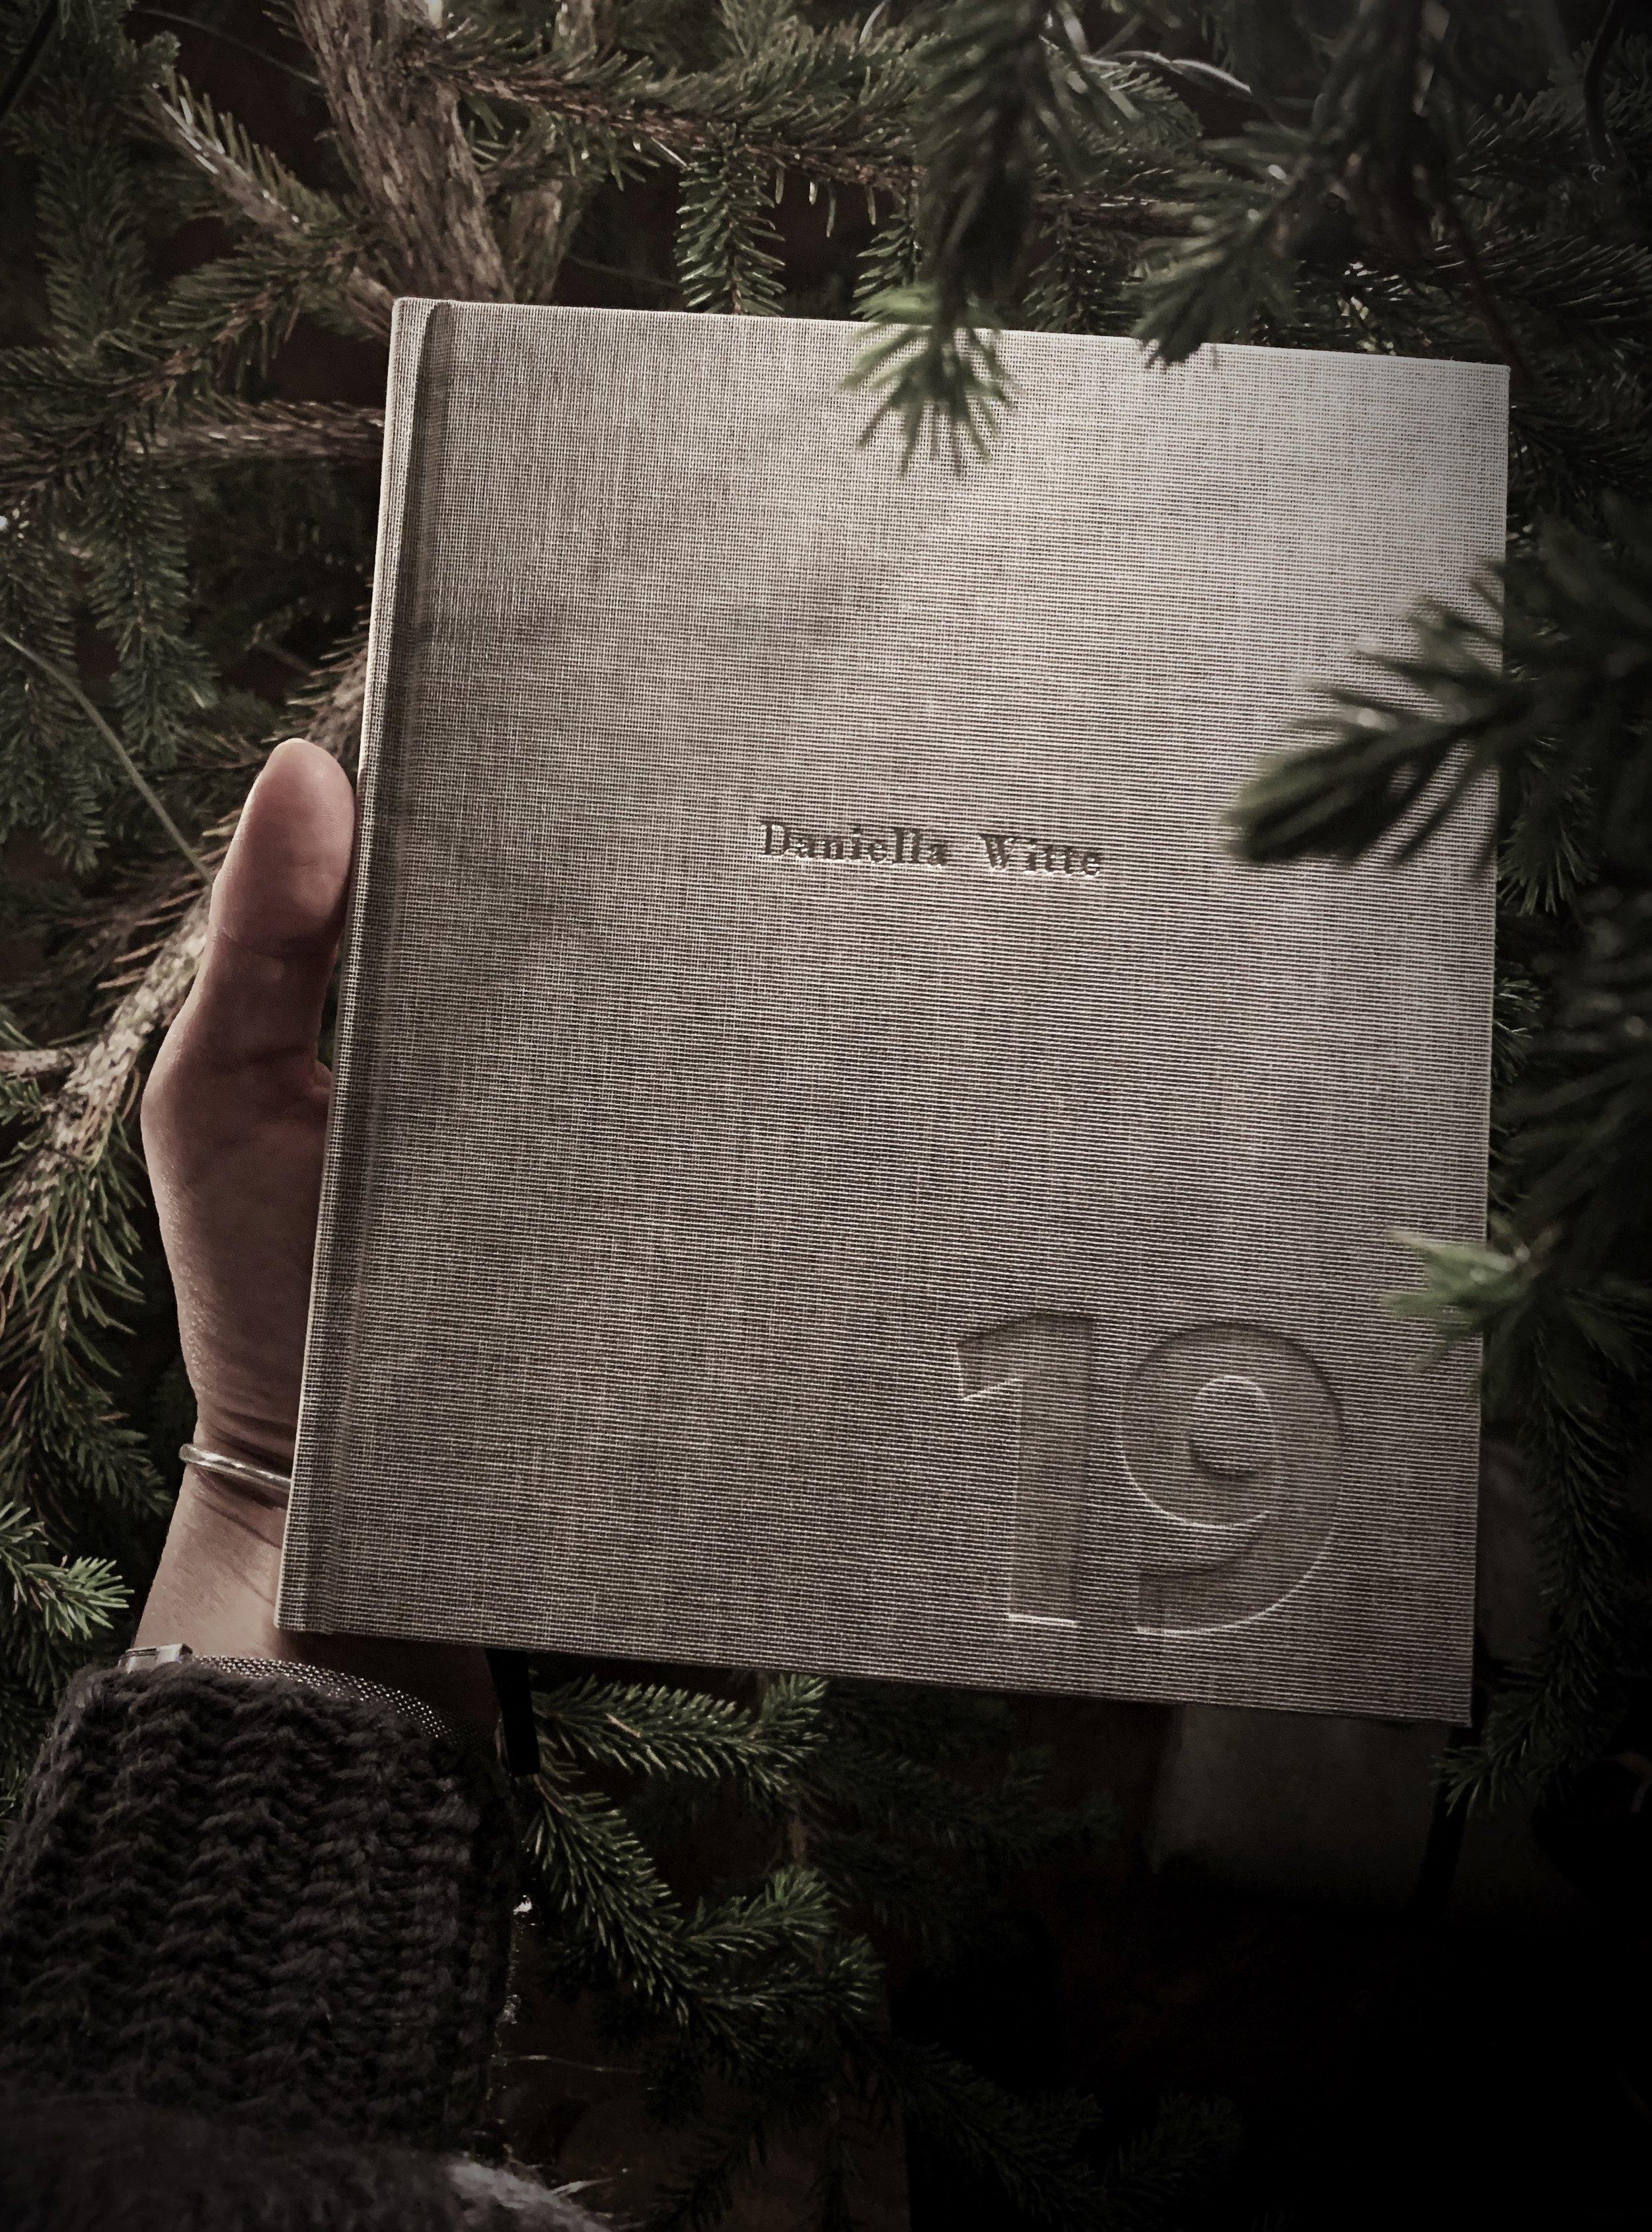 Julklapparna i år var mer genomtänkta än vanligt. Fler presentkort och handgjort än prylar. Blev ändå väldigt glad för den här kallendern från   Bookbinders desgn   eftersom jag älskar att planera mina dagar med hjälp av penna och papper. Känns mer kreativt!